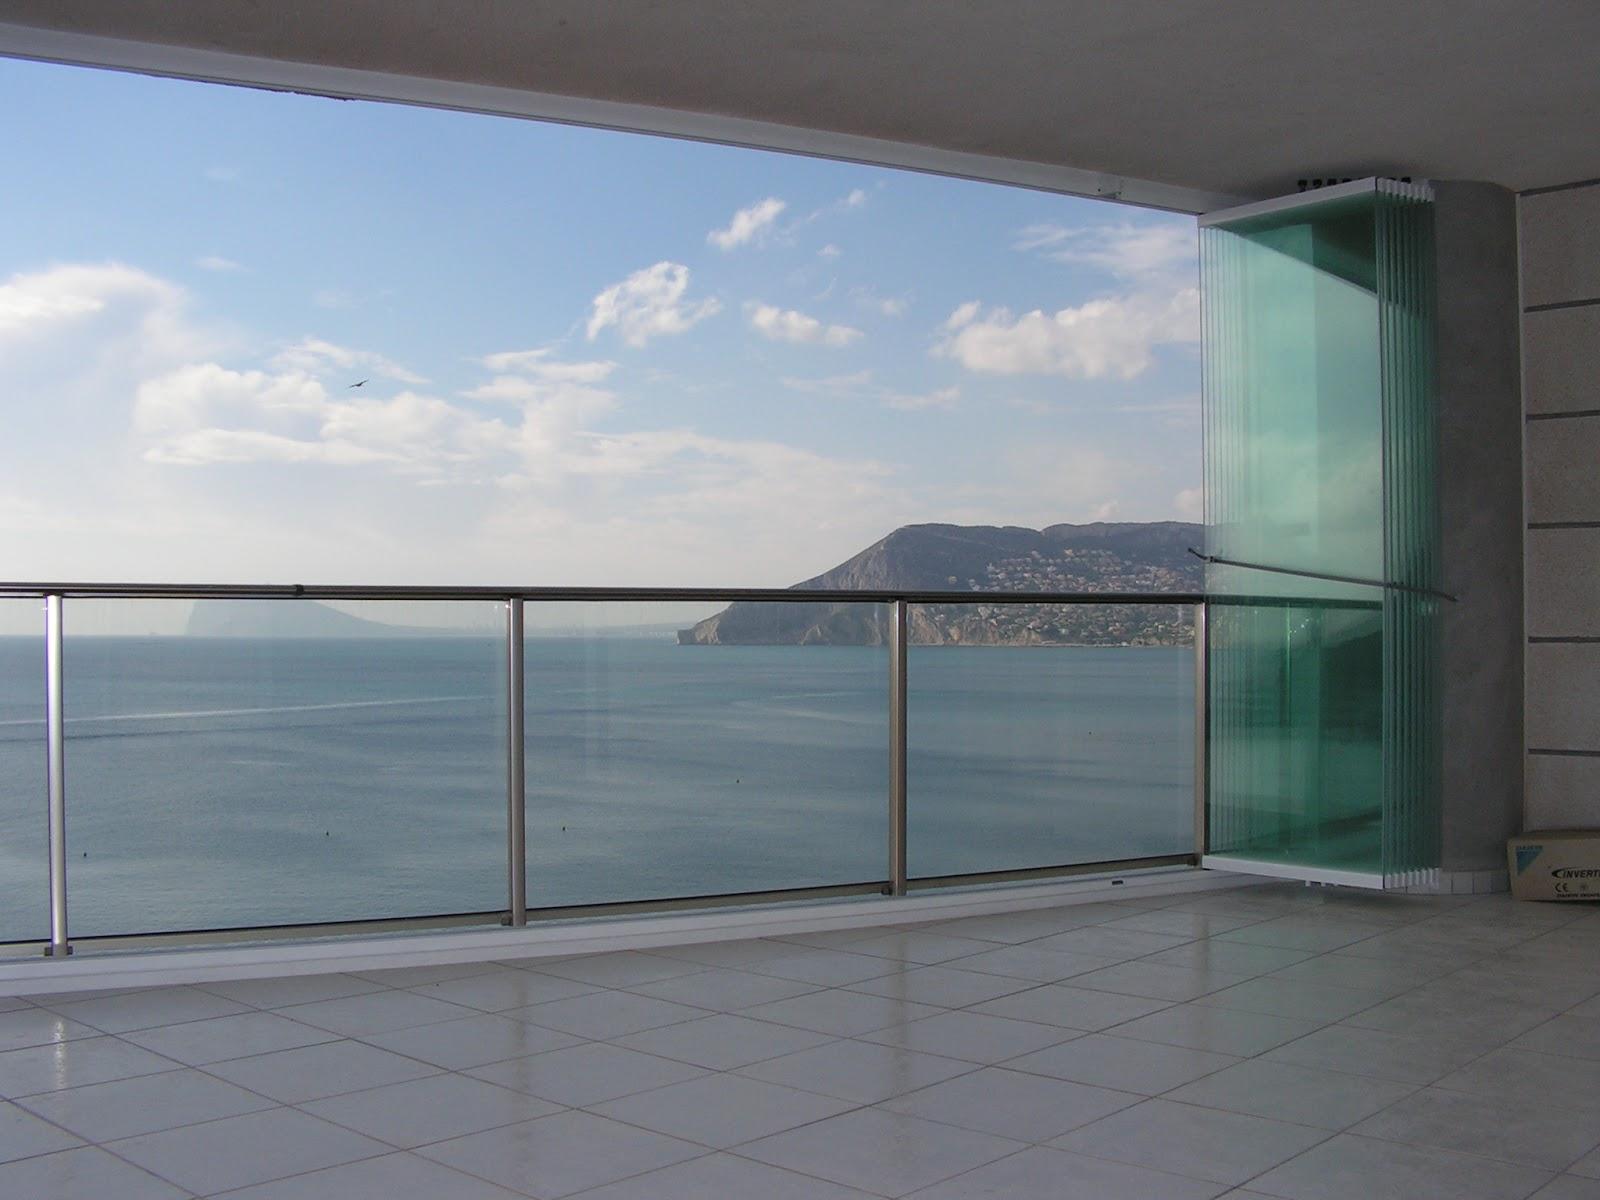 Acristalamiento de terrazas - Ventanas PVC Mallorca ... - photo#36